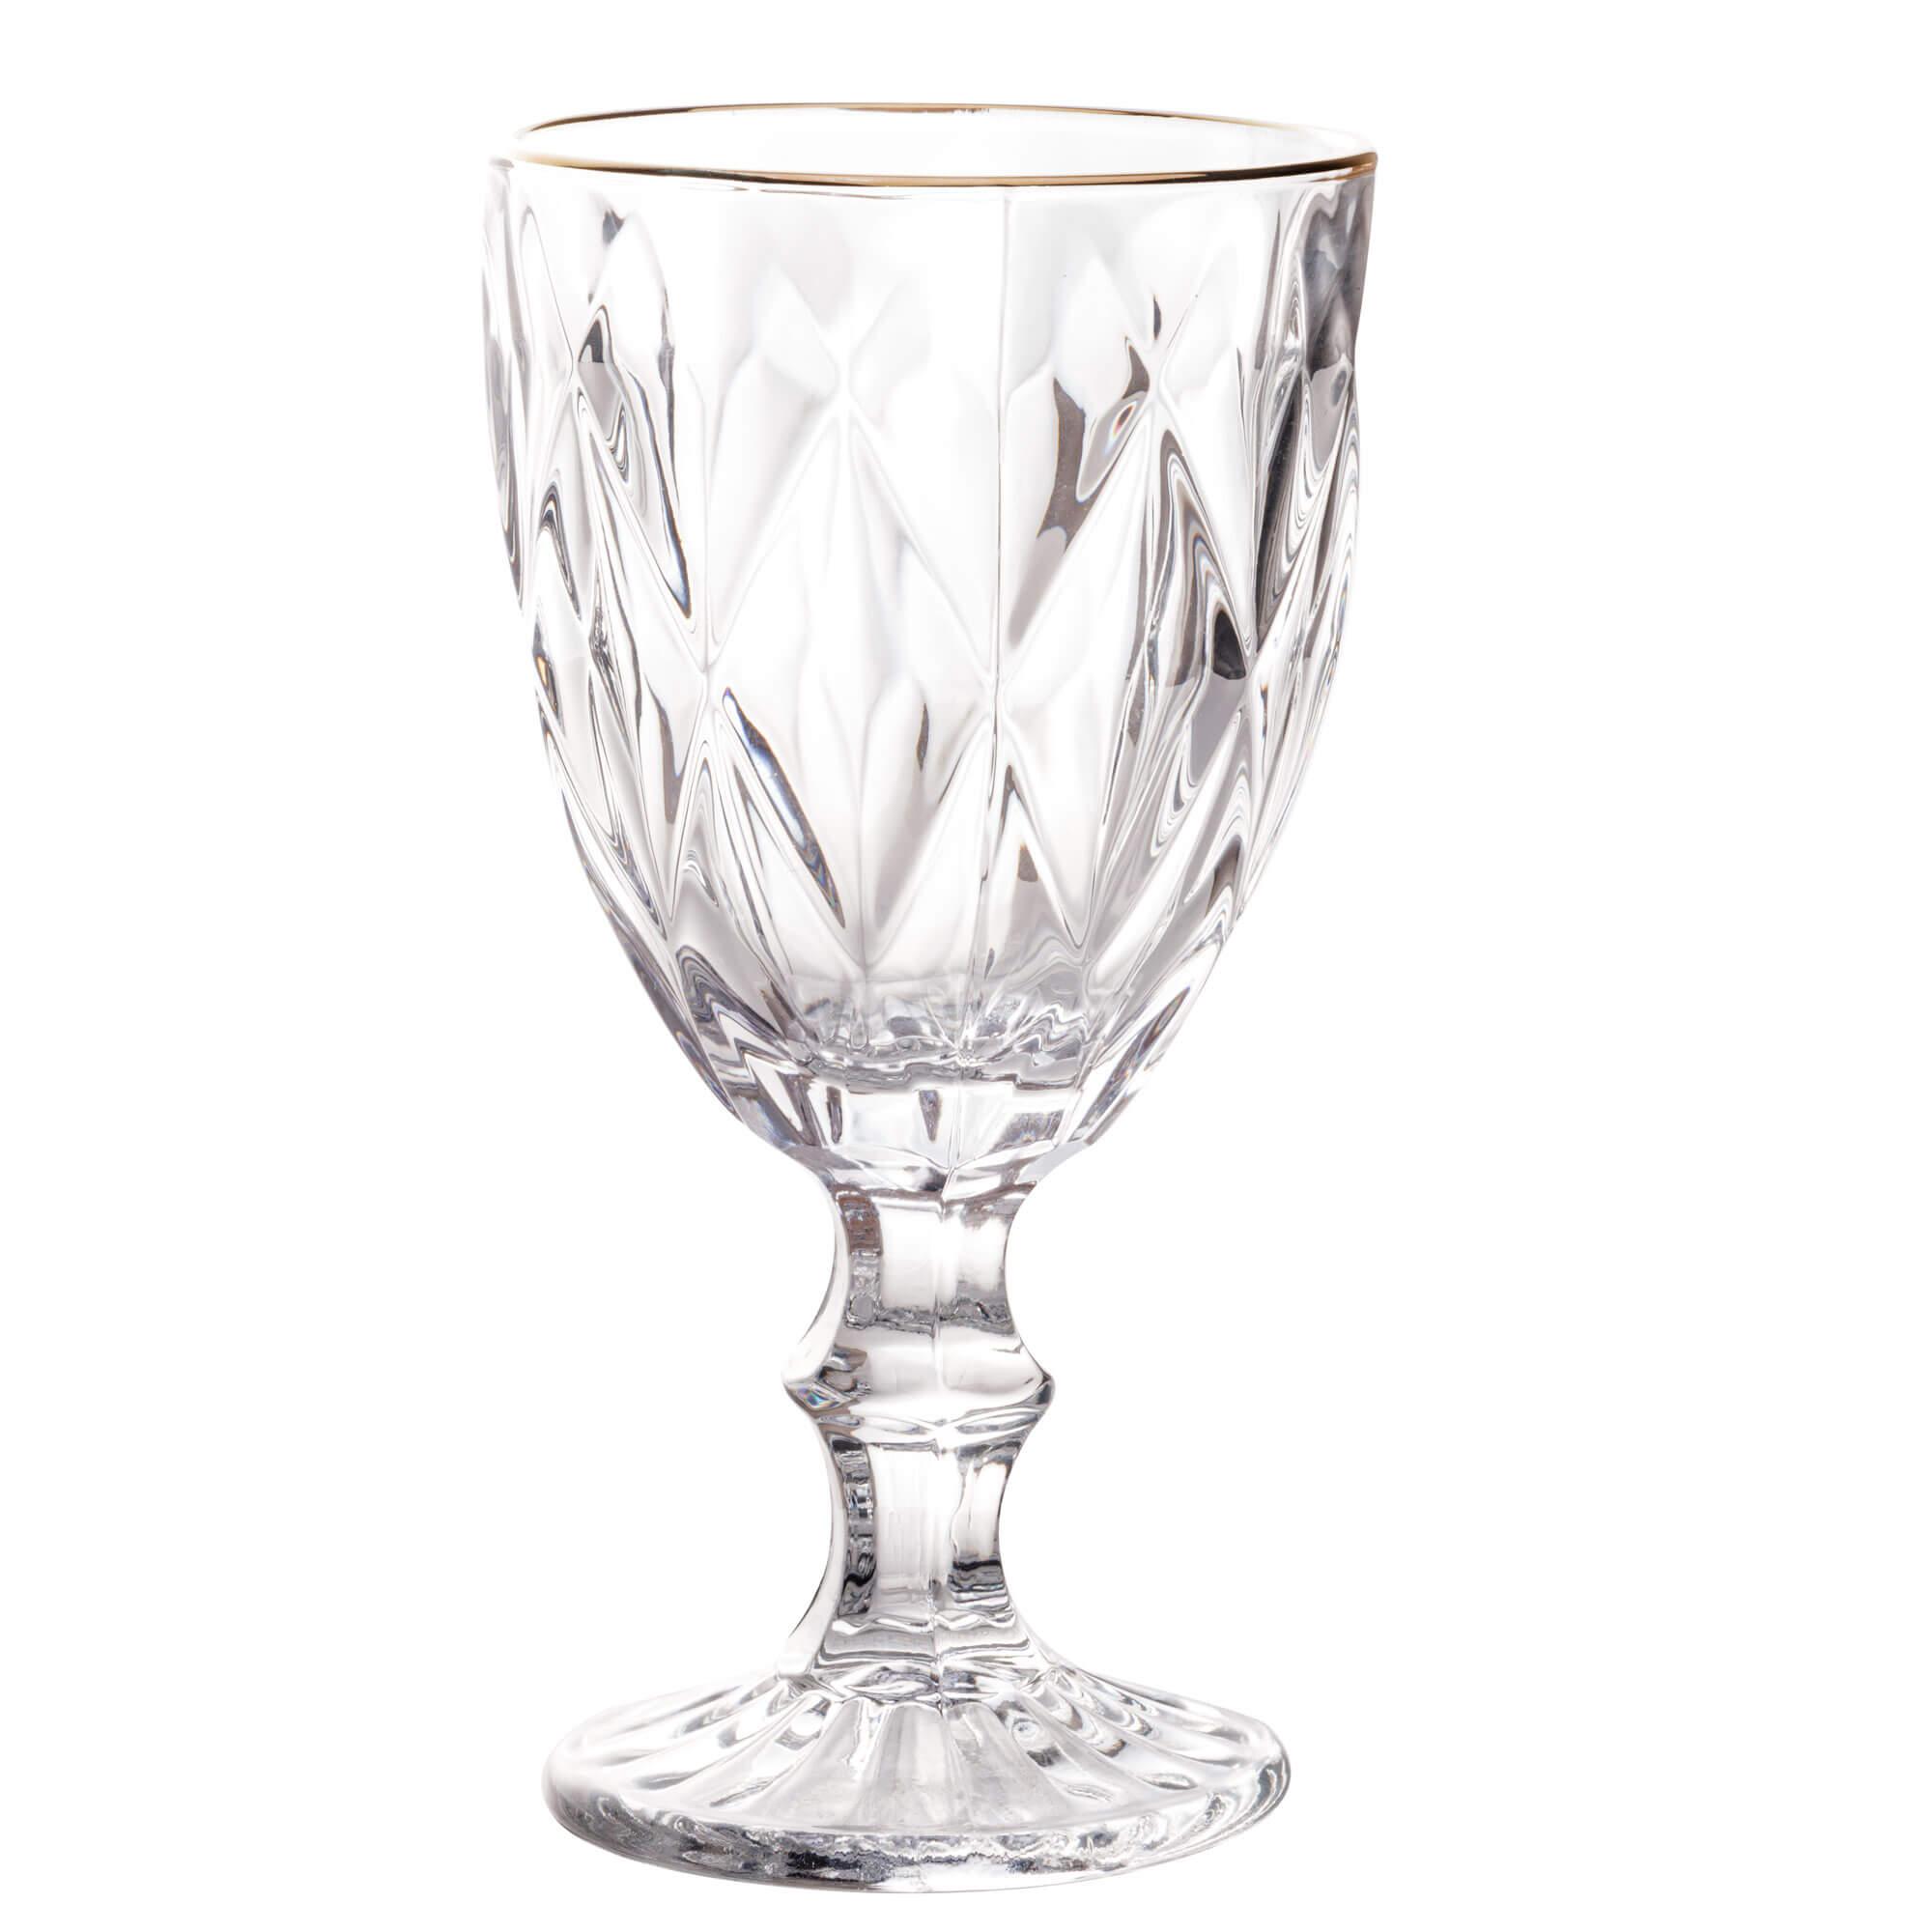 Jogo de 6 Taças para Água de Vidro com Fio de Ouro Diamond Transparente 325ml